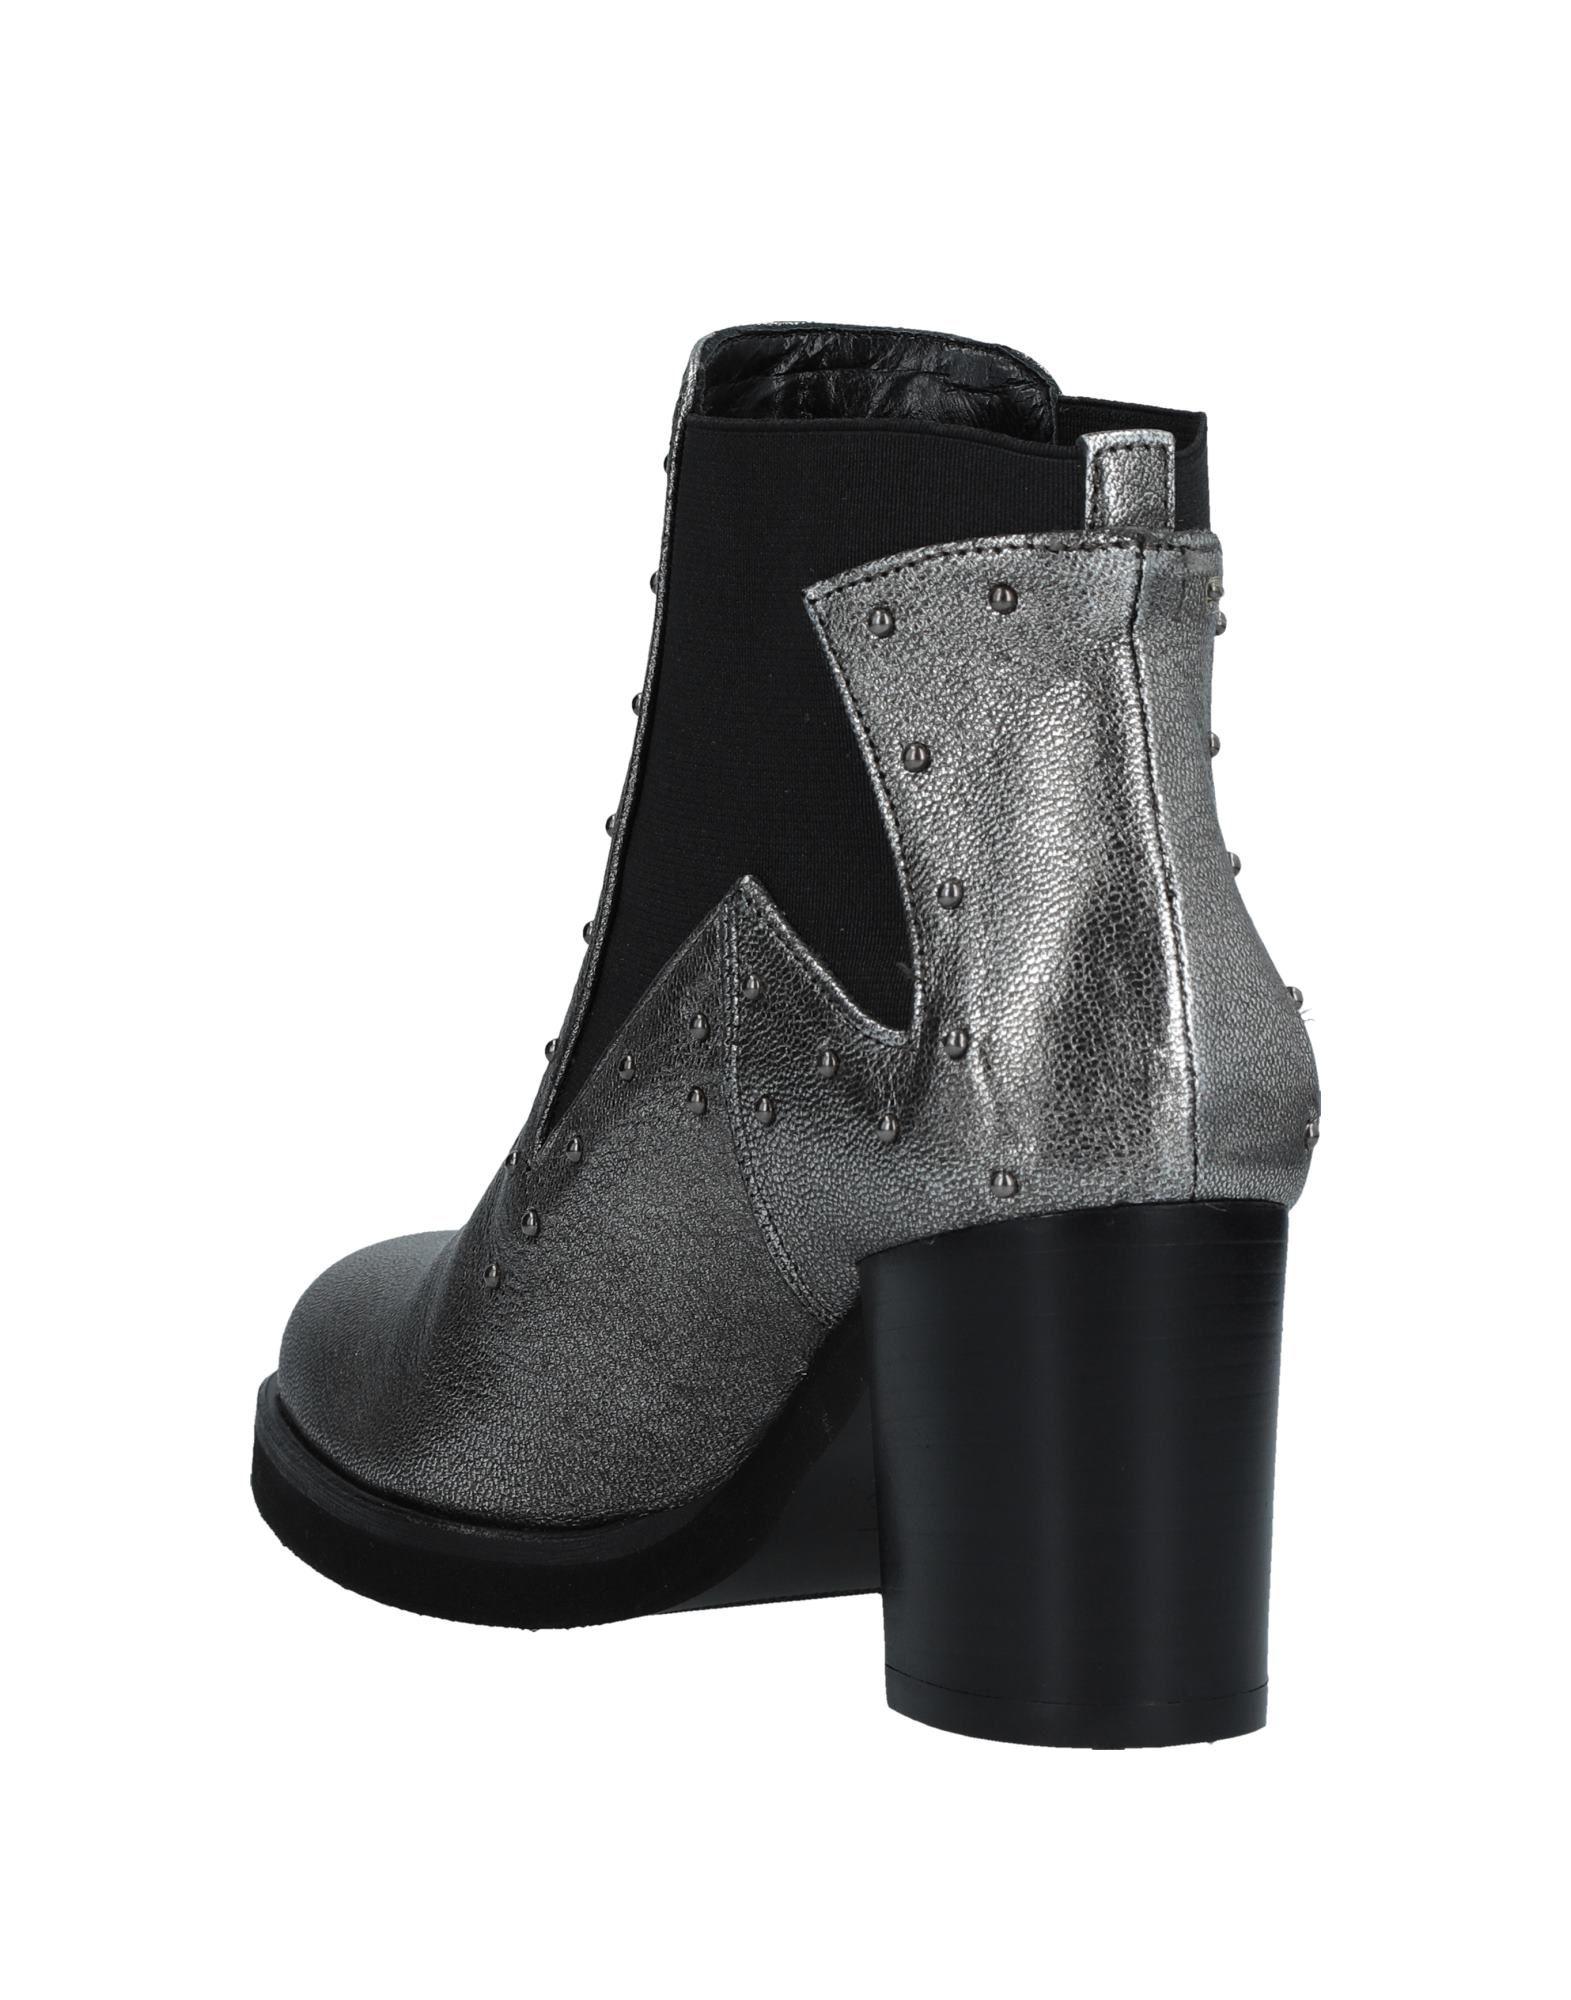 Silvana Stiefelette Damen  11529886OW Gute Qualität beliebte Schuhe